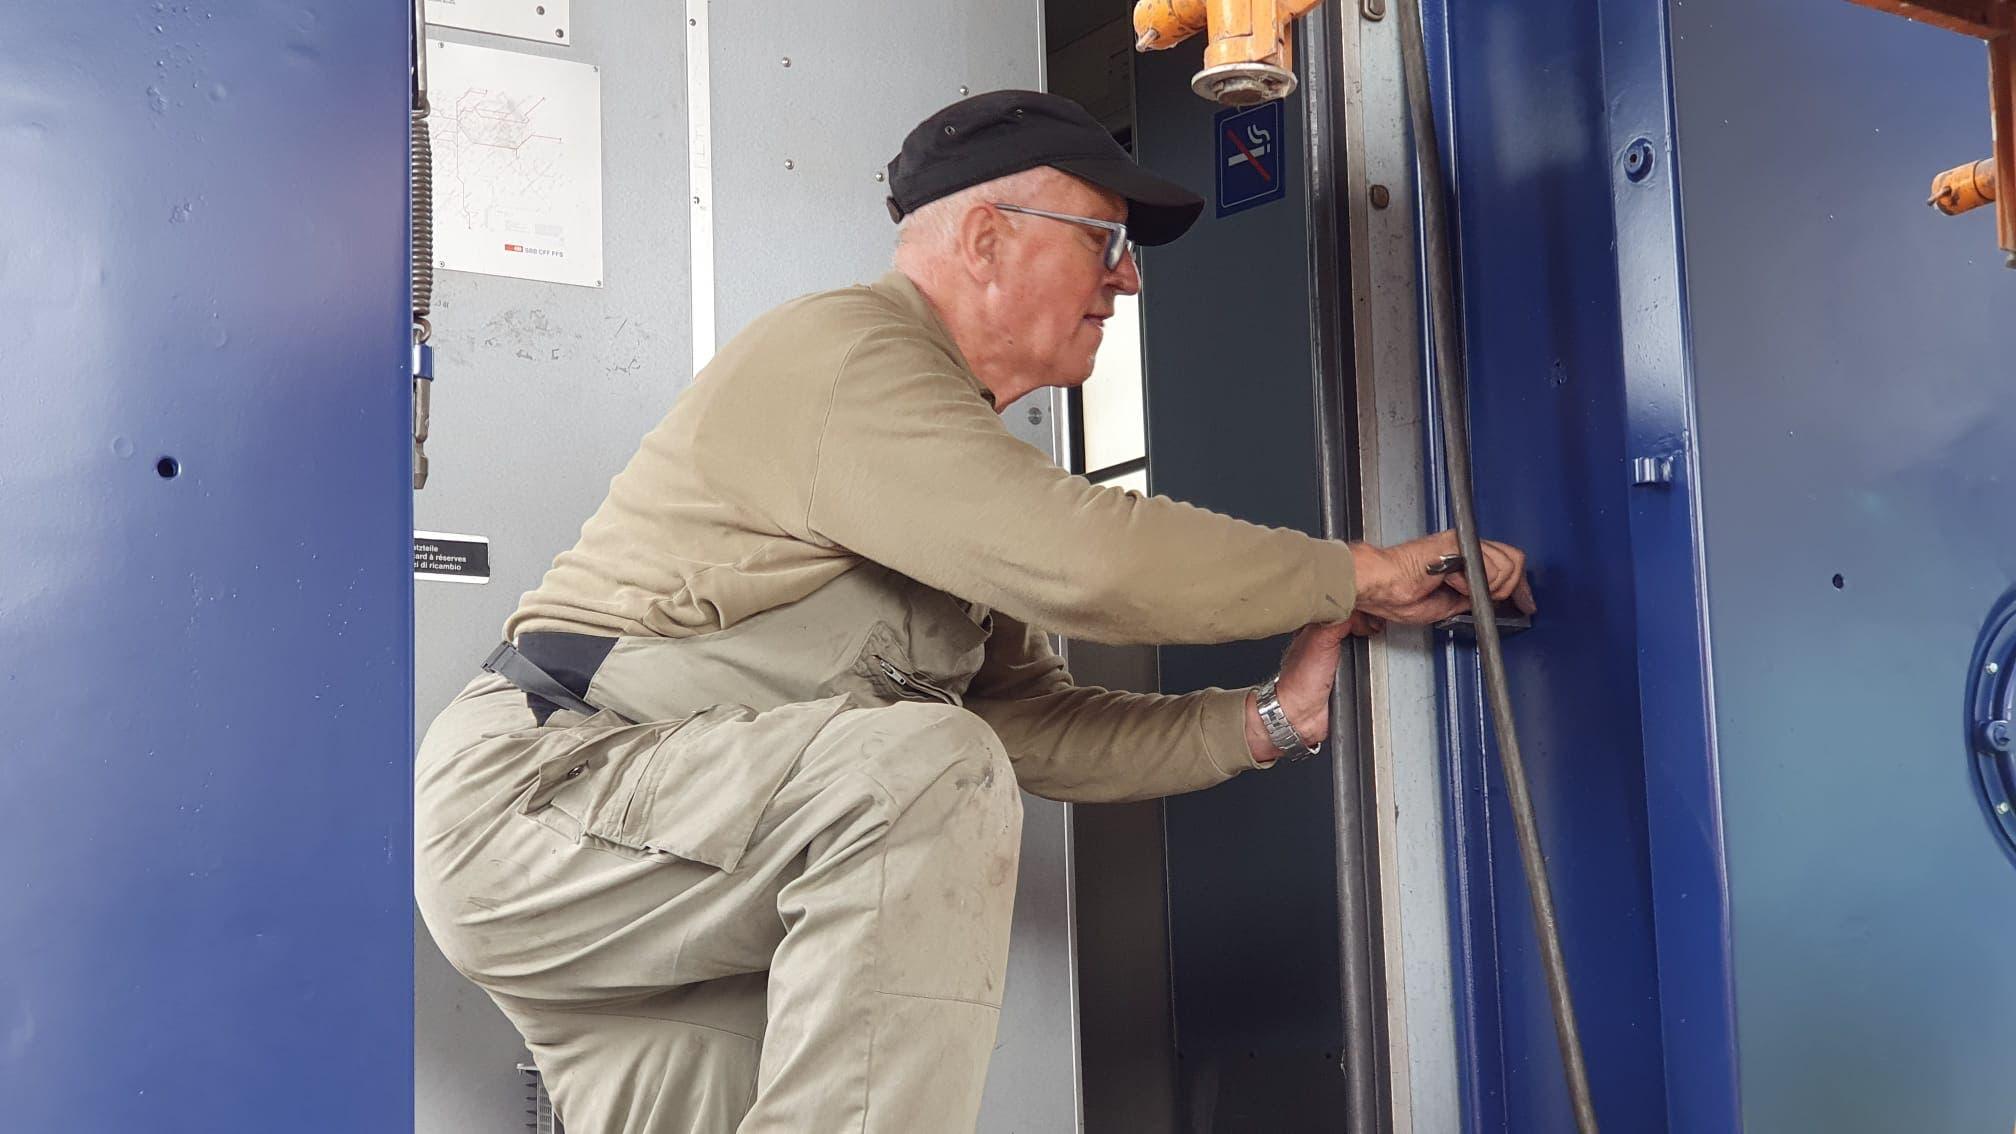 Ehemaliger Wagianer im Element 35 Jahre nach der Betriebsschliessung in Schlieren und auch längst nach der Pension bleiben sie in ihrer Freizeit stolze Wagi-Arbeiter.